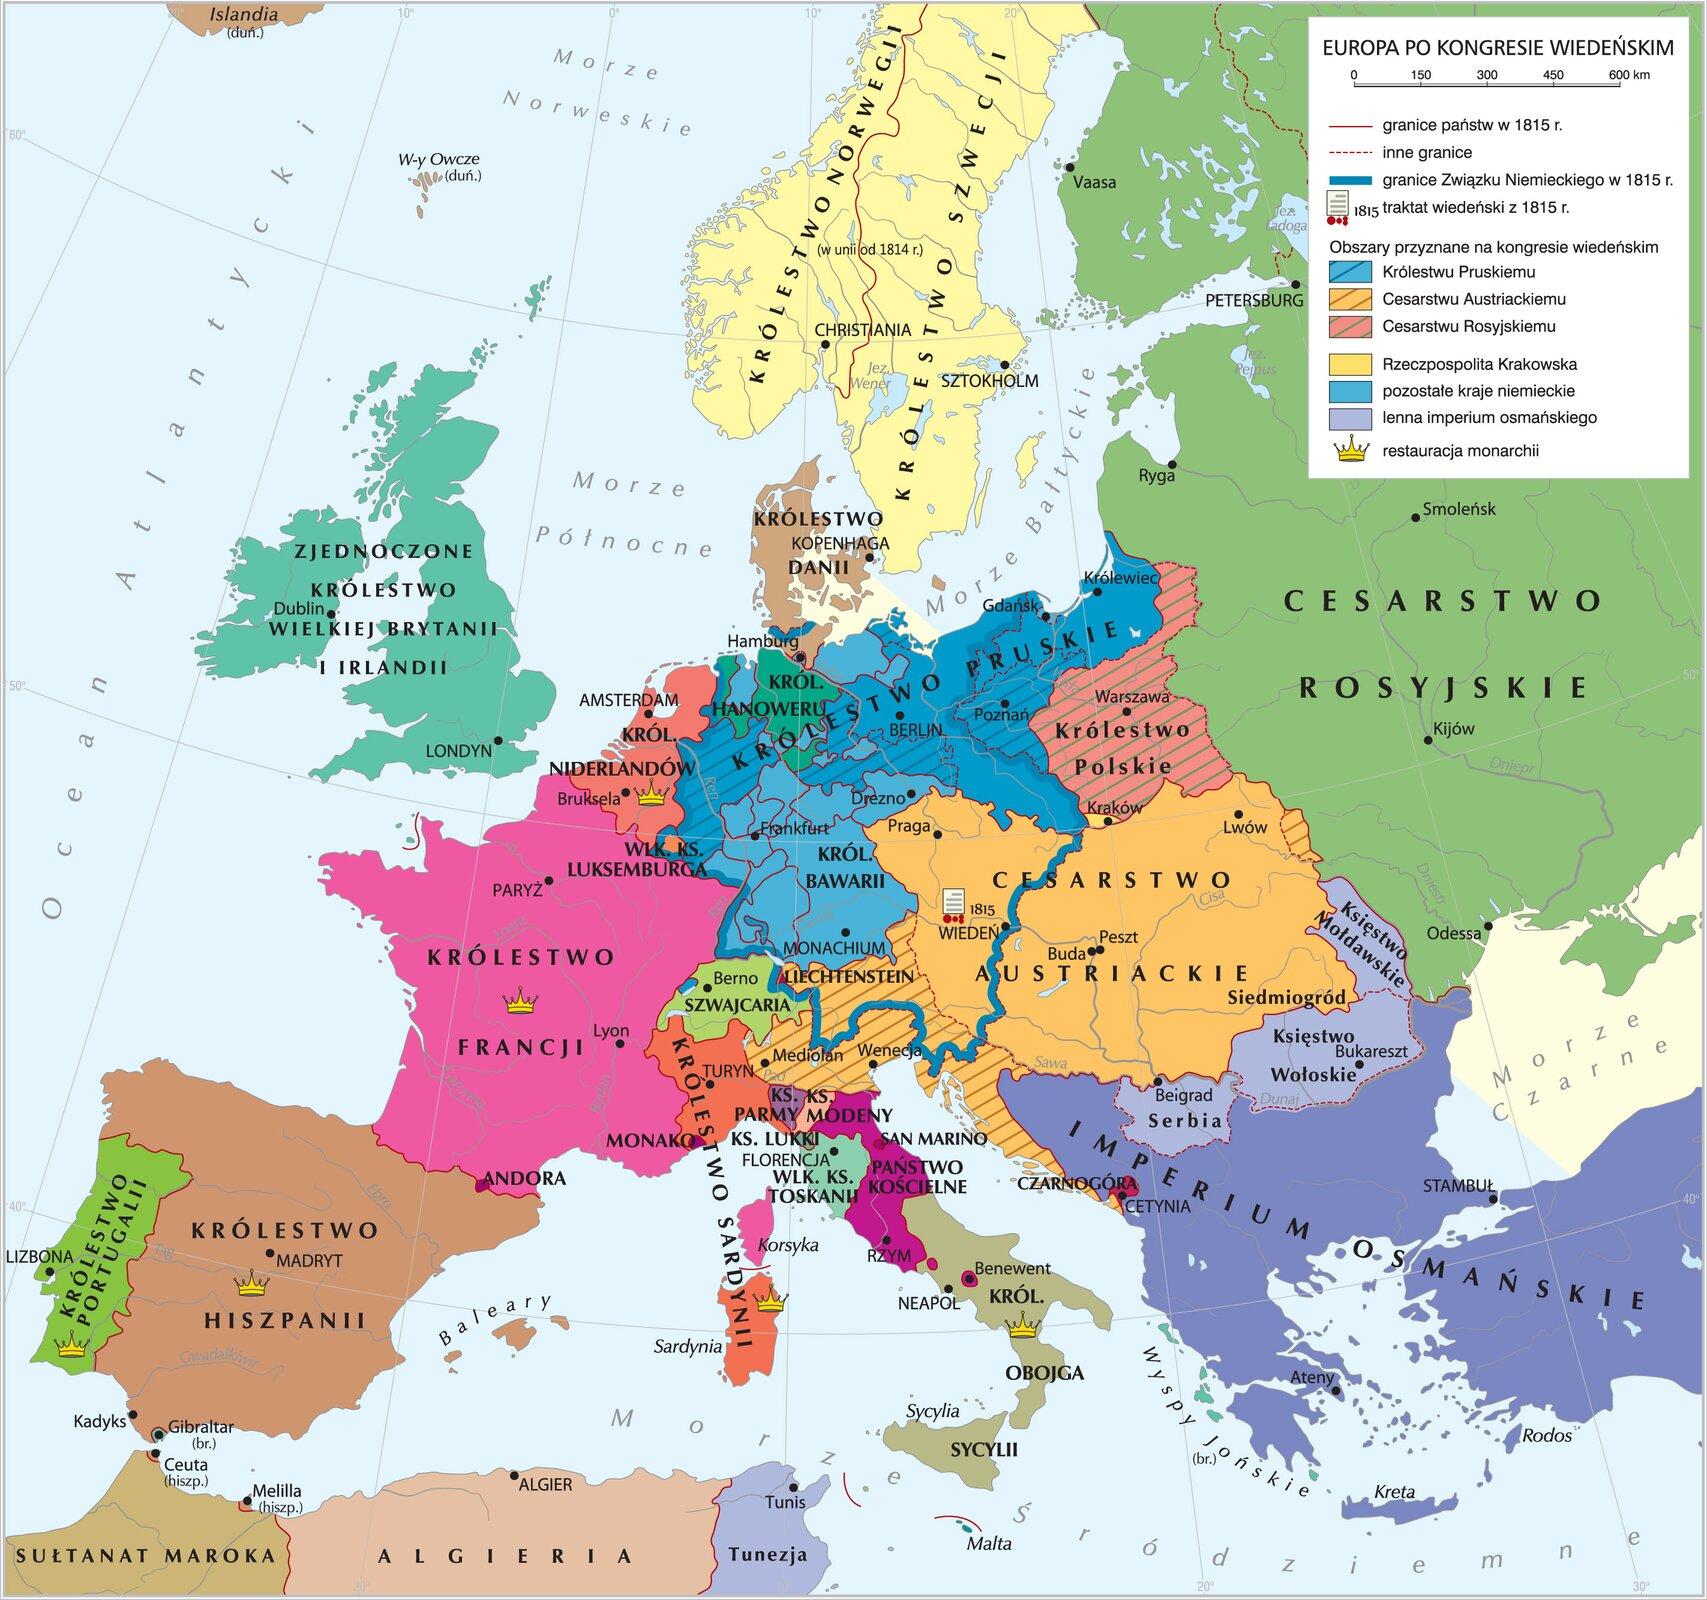 Europa po kongresie wiedeńskim Źródło: Krystian Chariza izespół, Europa po kongresie wiedeńskim, licencja: CC BY-SA 3.0.